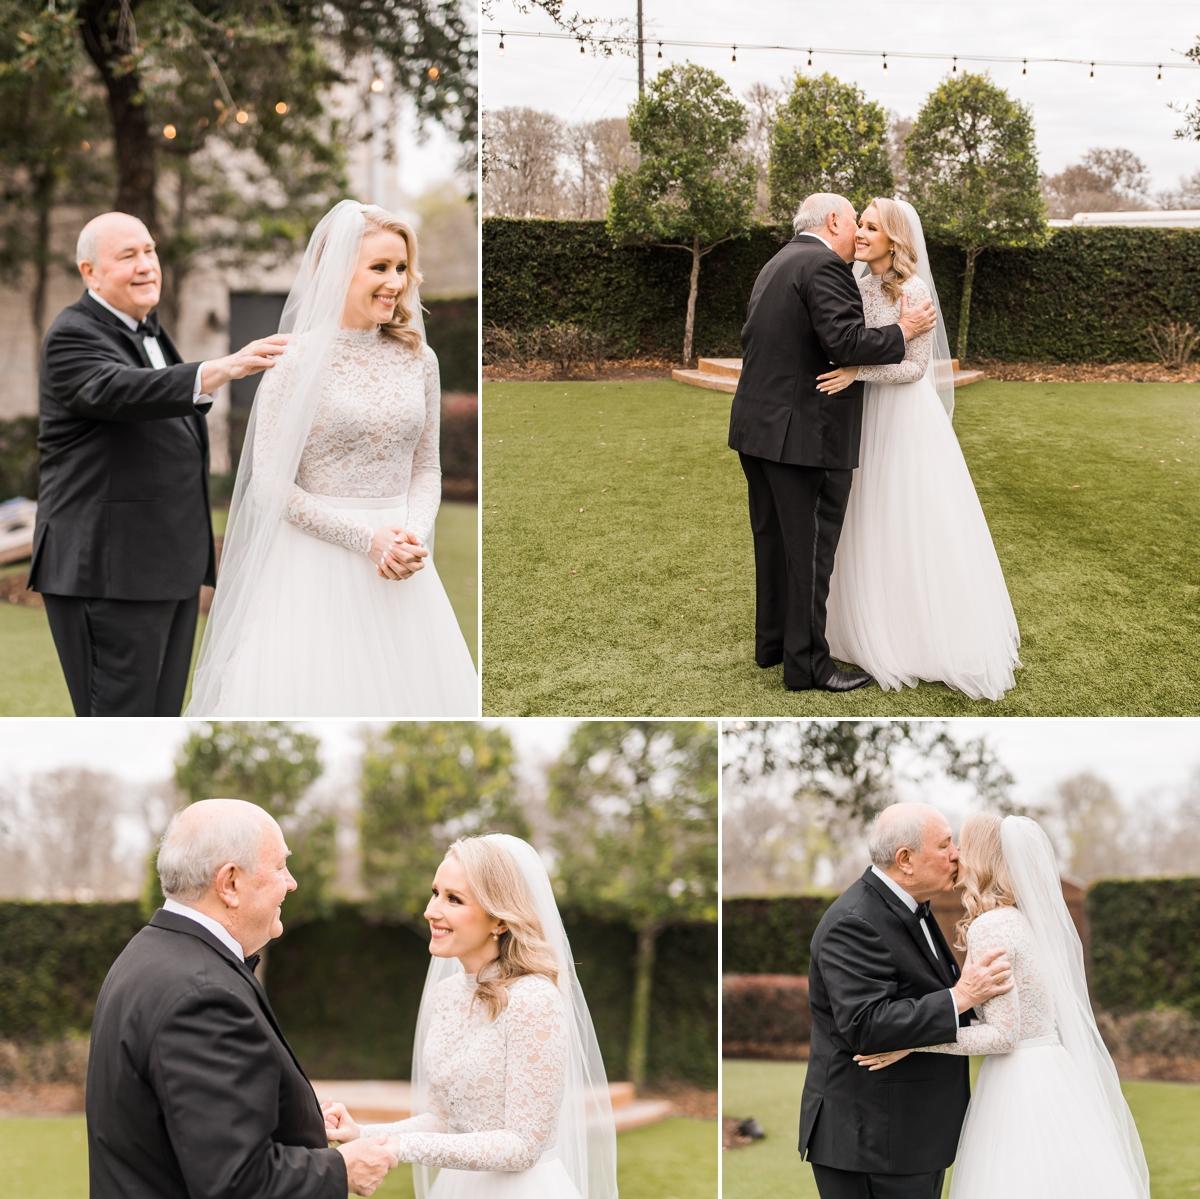 Dad's first look with bride at Briscoe Manor Wedding